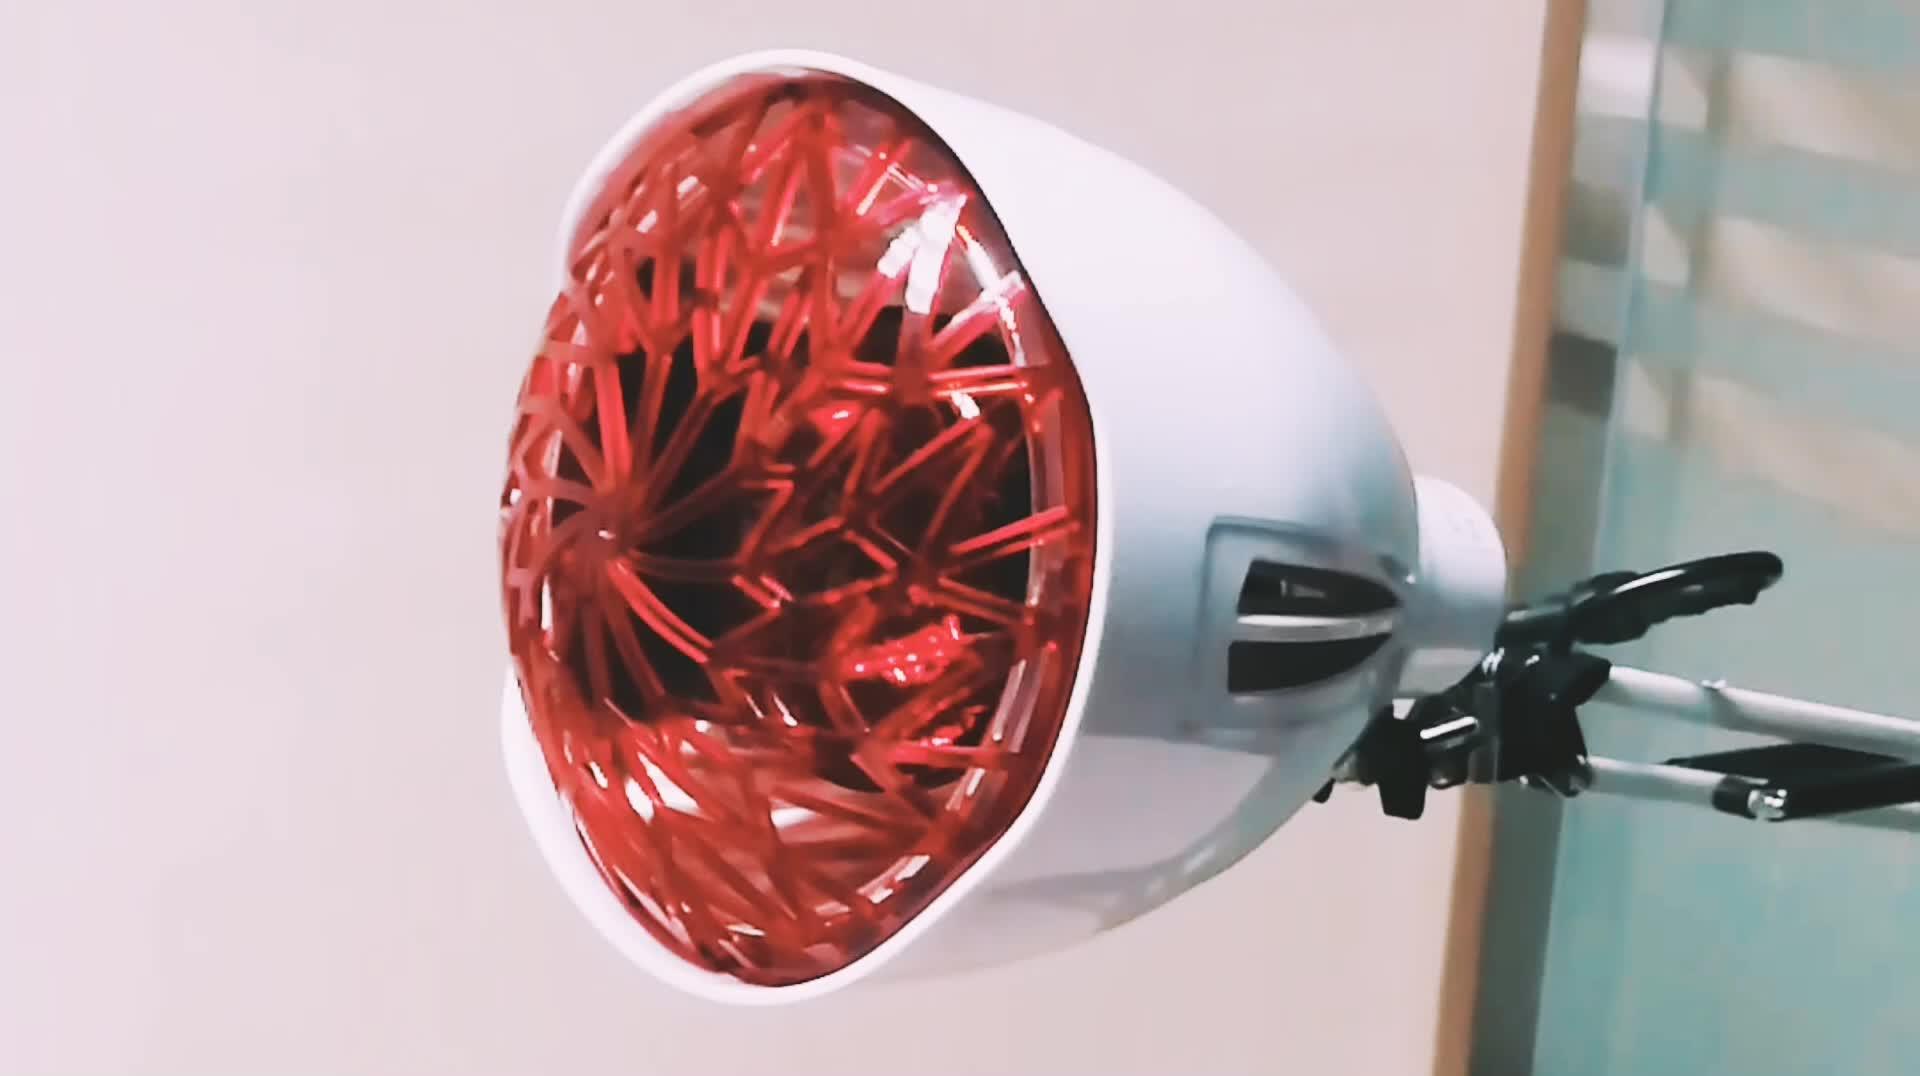 Stand Luce Rossa TDP Lontano Lampada di Riscaldamento A Raggi Infrarossi per il Mal di Schiena